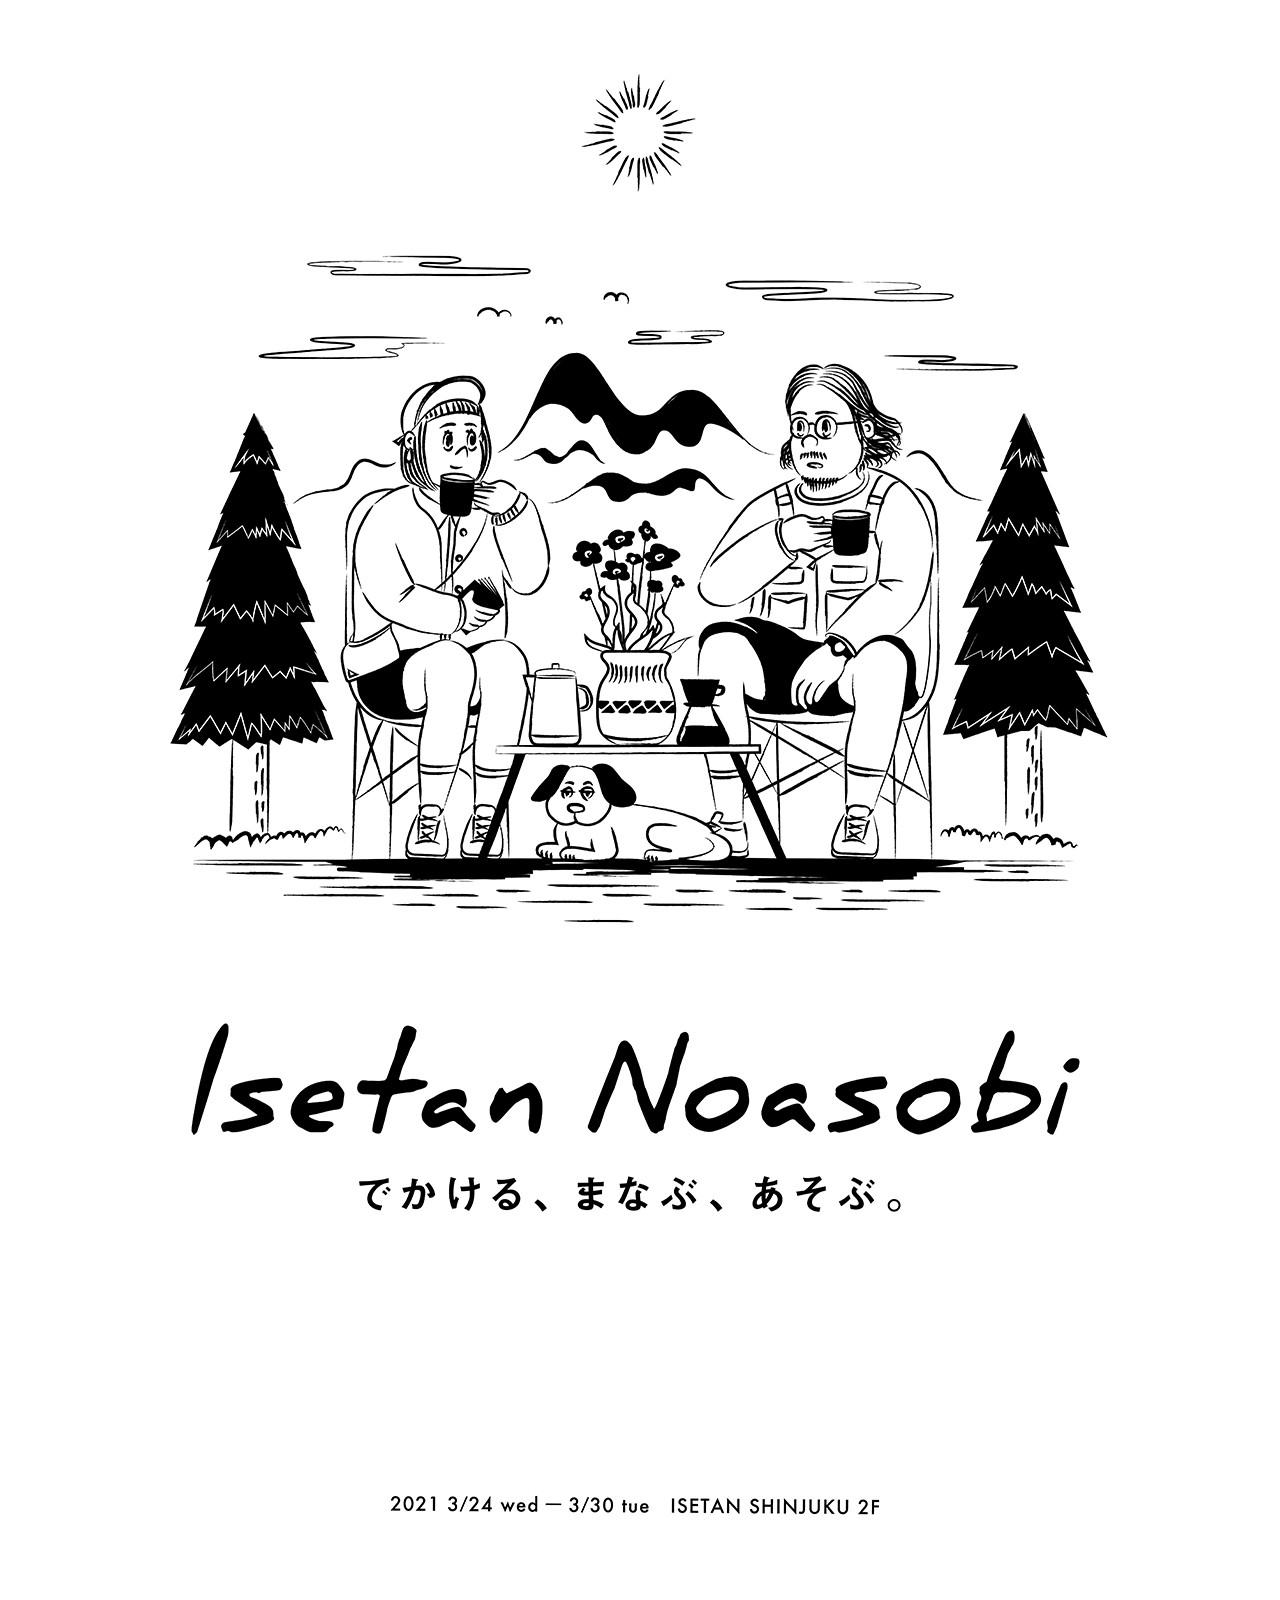 『Isetan Noasobi』に出店いたします。